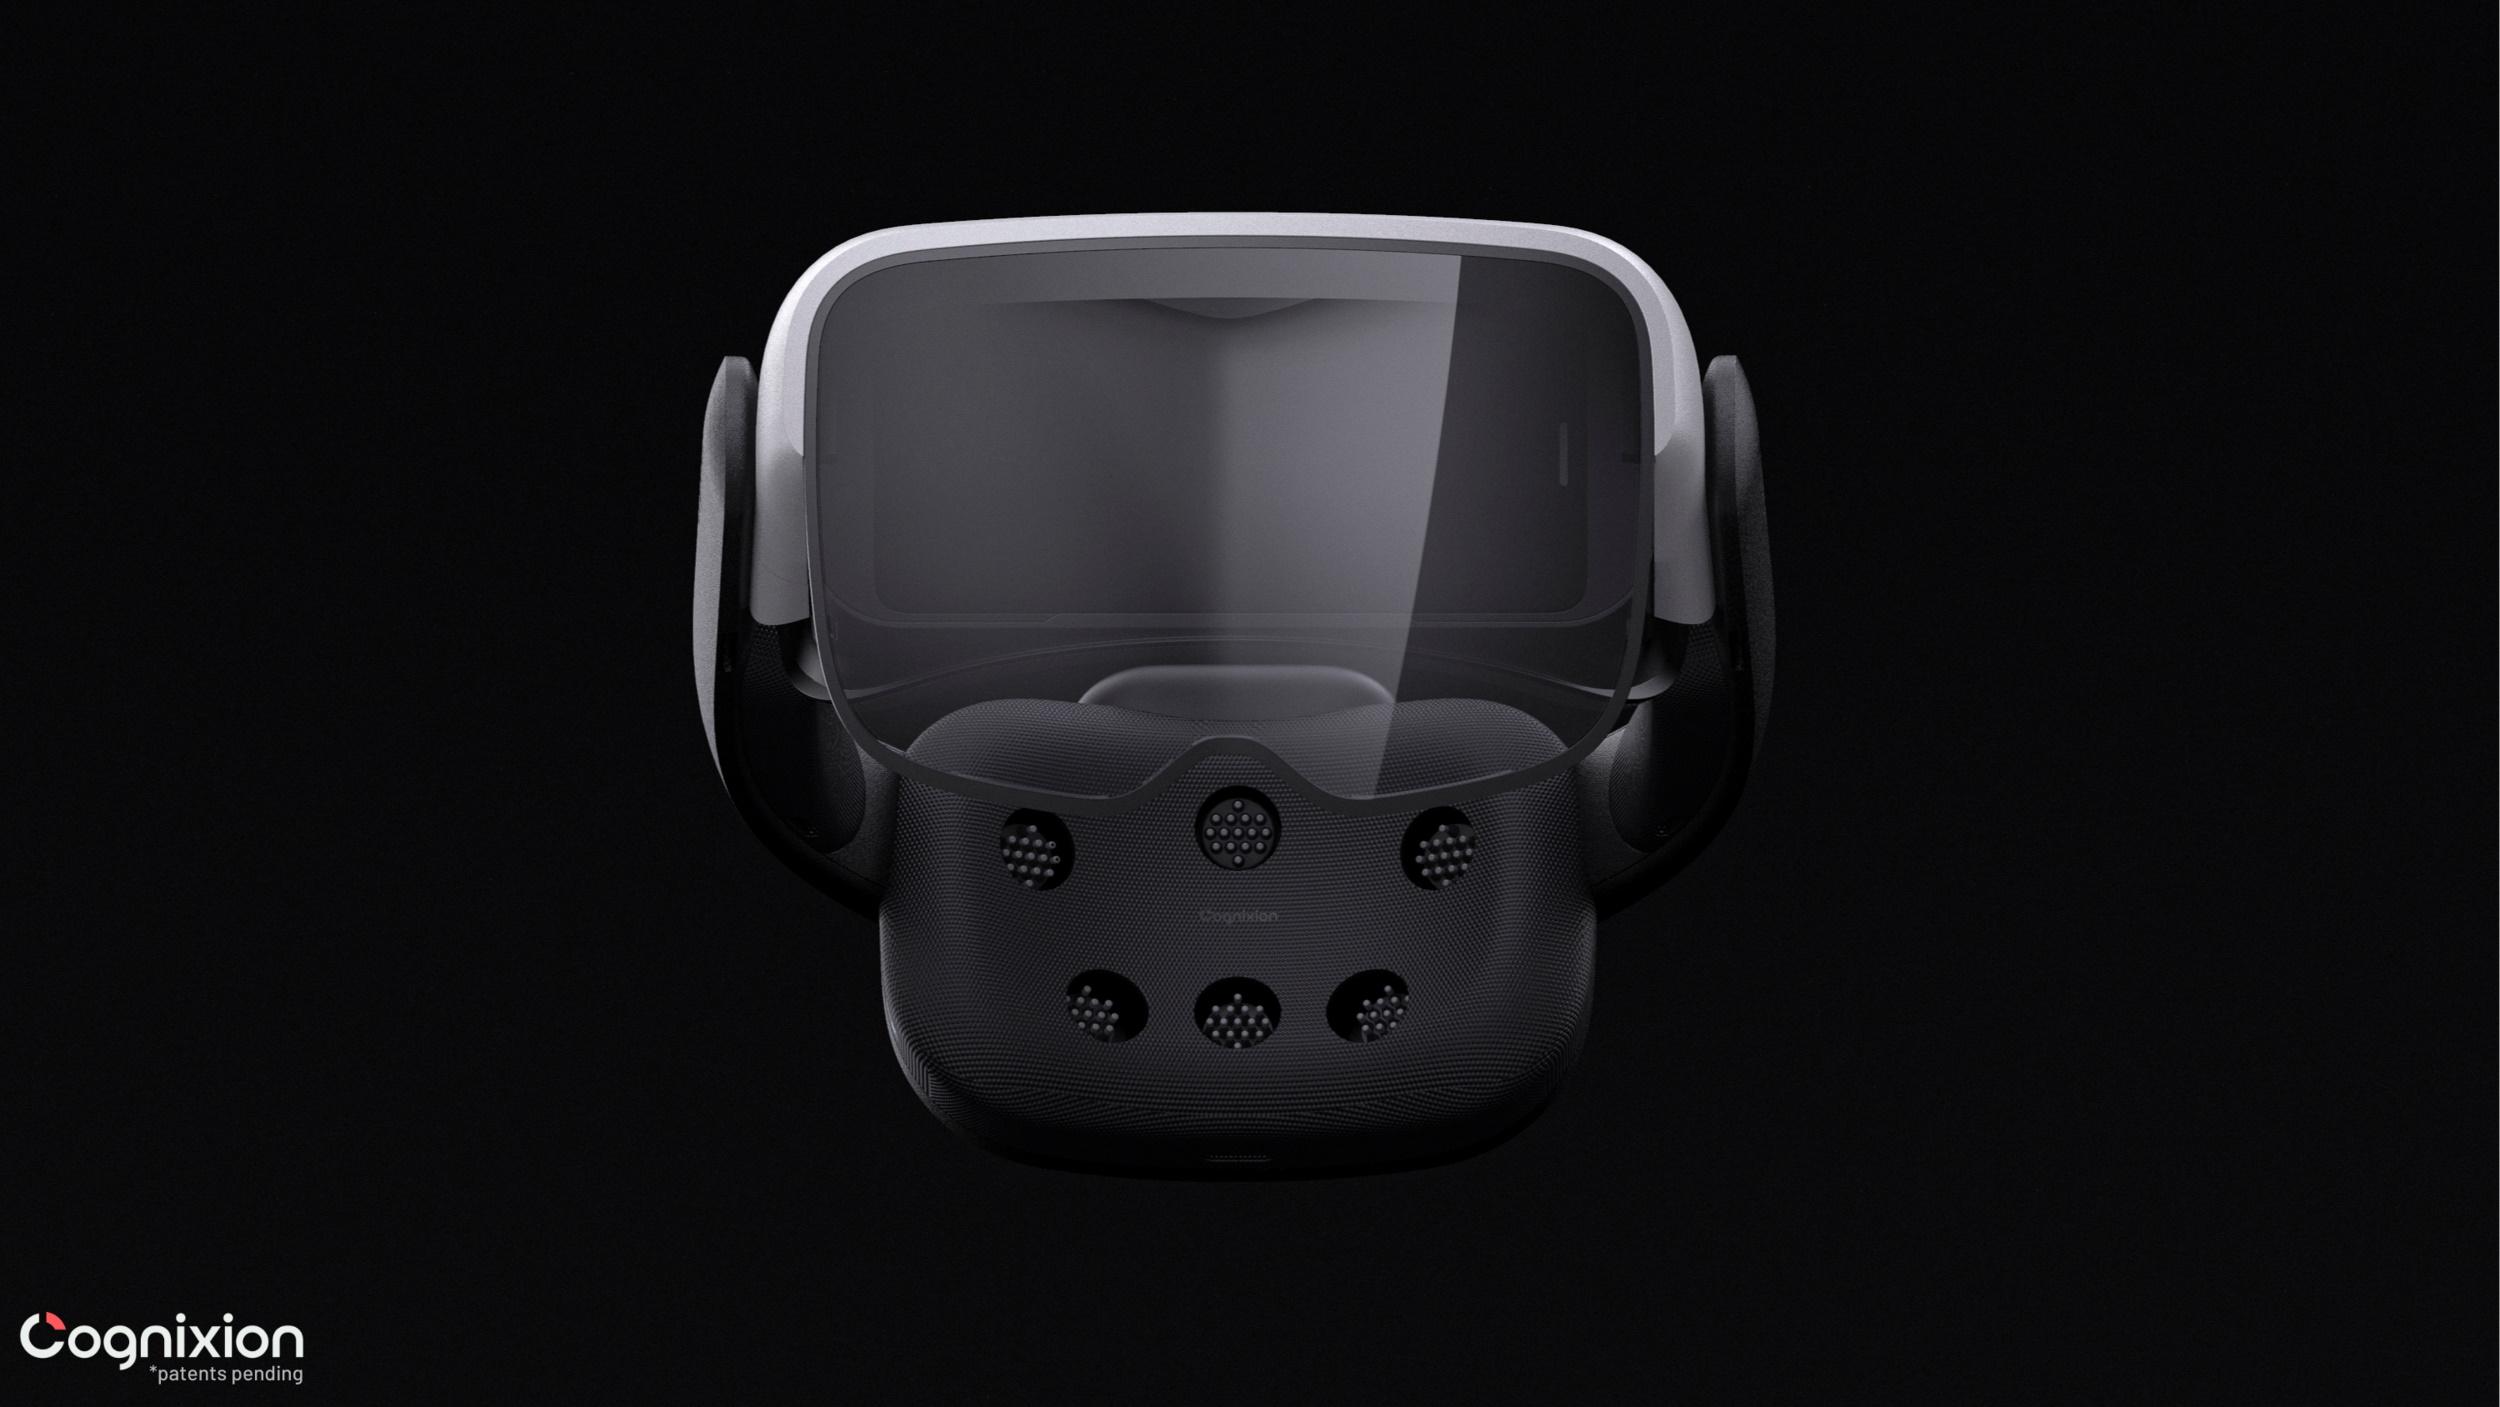 Le casque de surveillance cérébrale de Cognixion permet une communication fluide pour les personnes gravement handicapées – TechCrunch